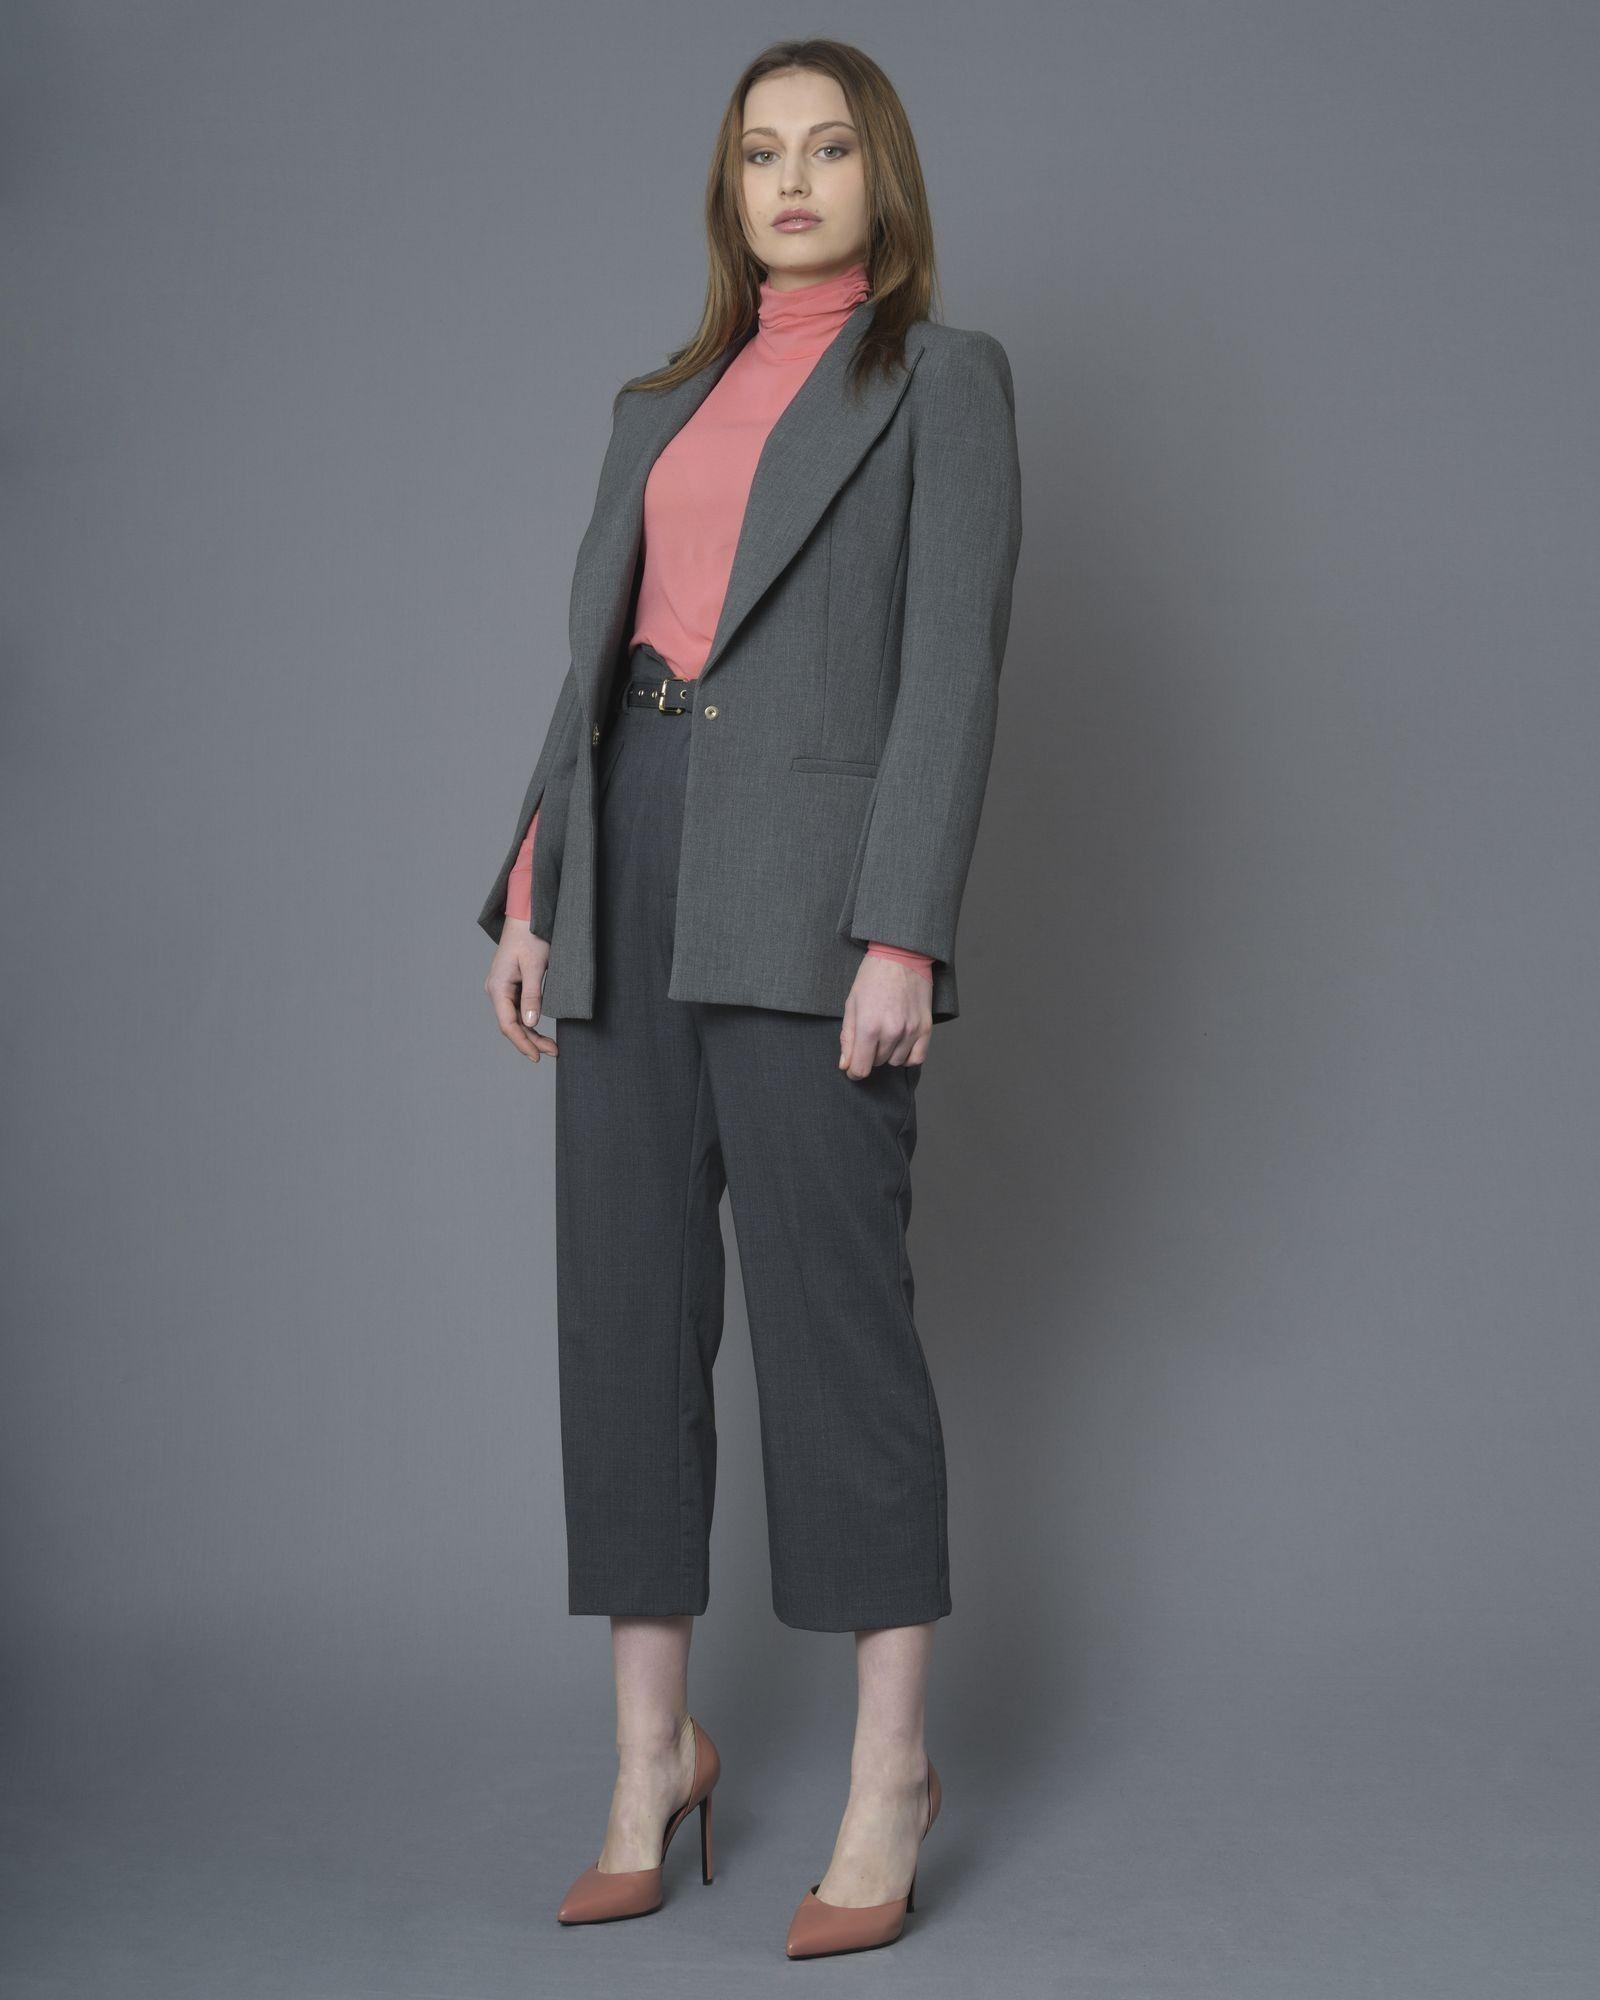 Pantalon gris en laine mélangé à ceinture Space Simona Corsellini